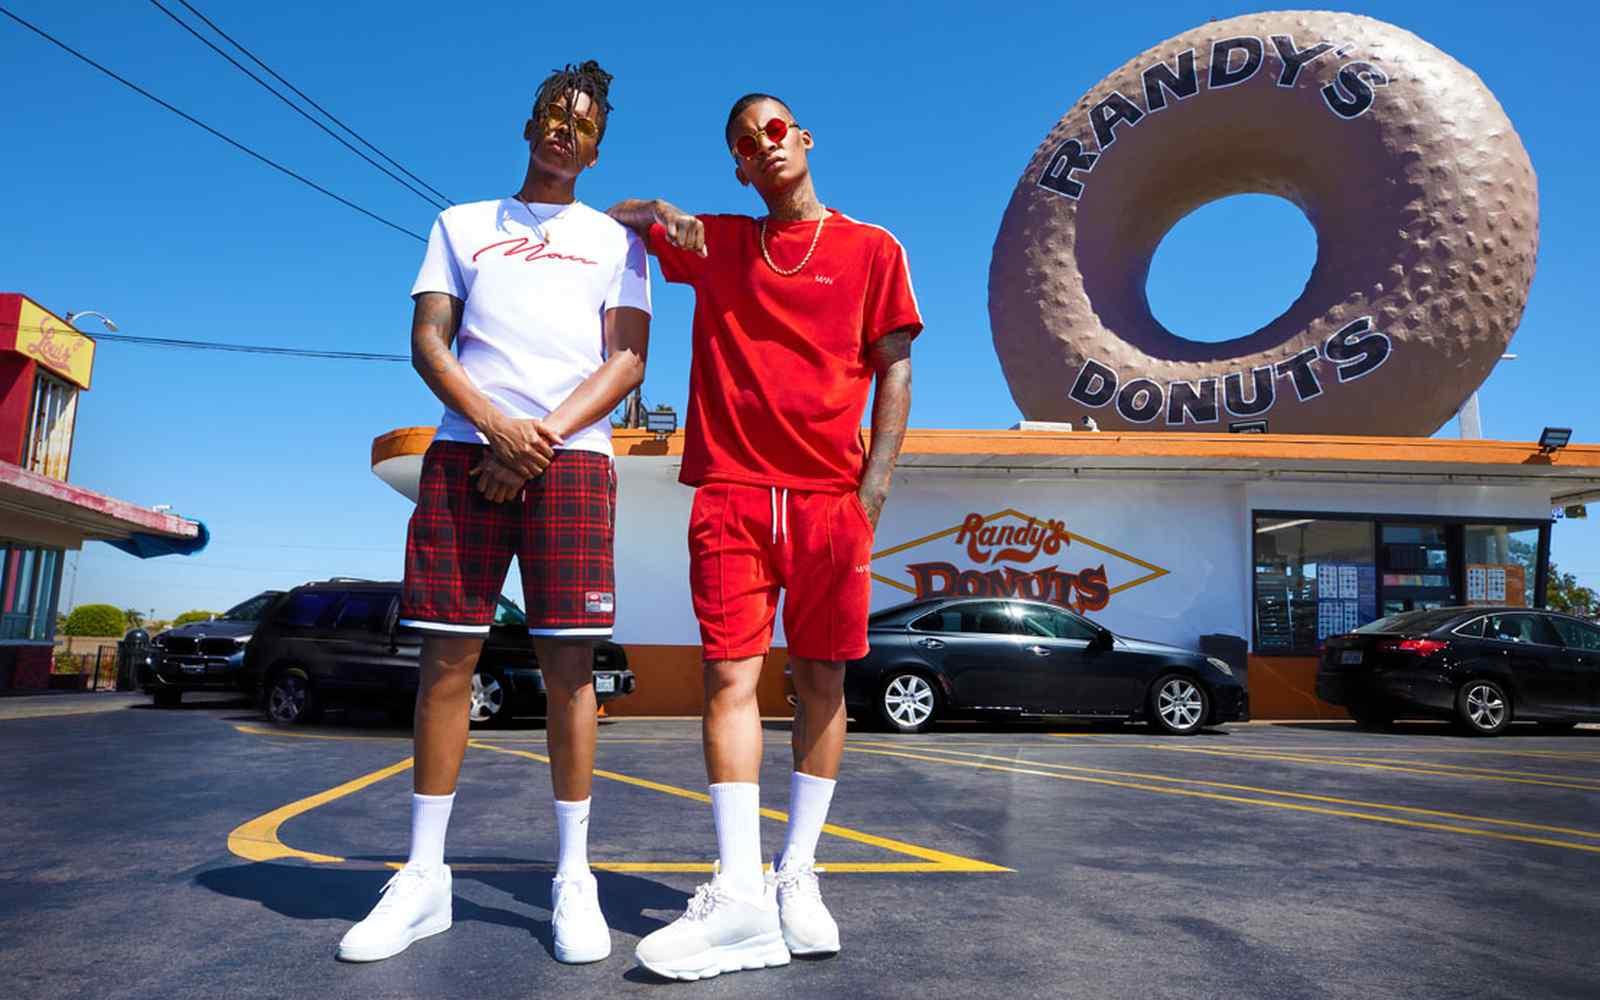 2 men in fashion sportswear